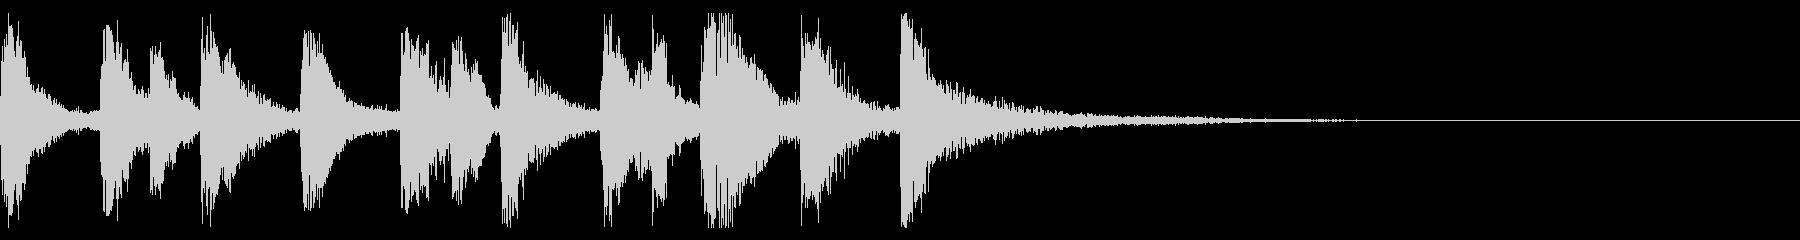 クラシカルなジングルの未再生の波形